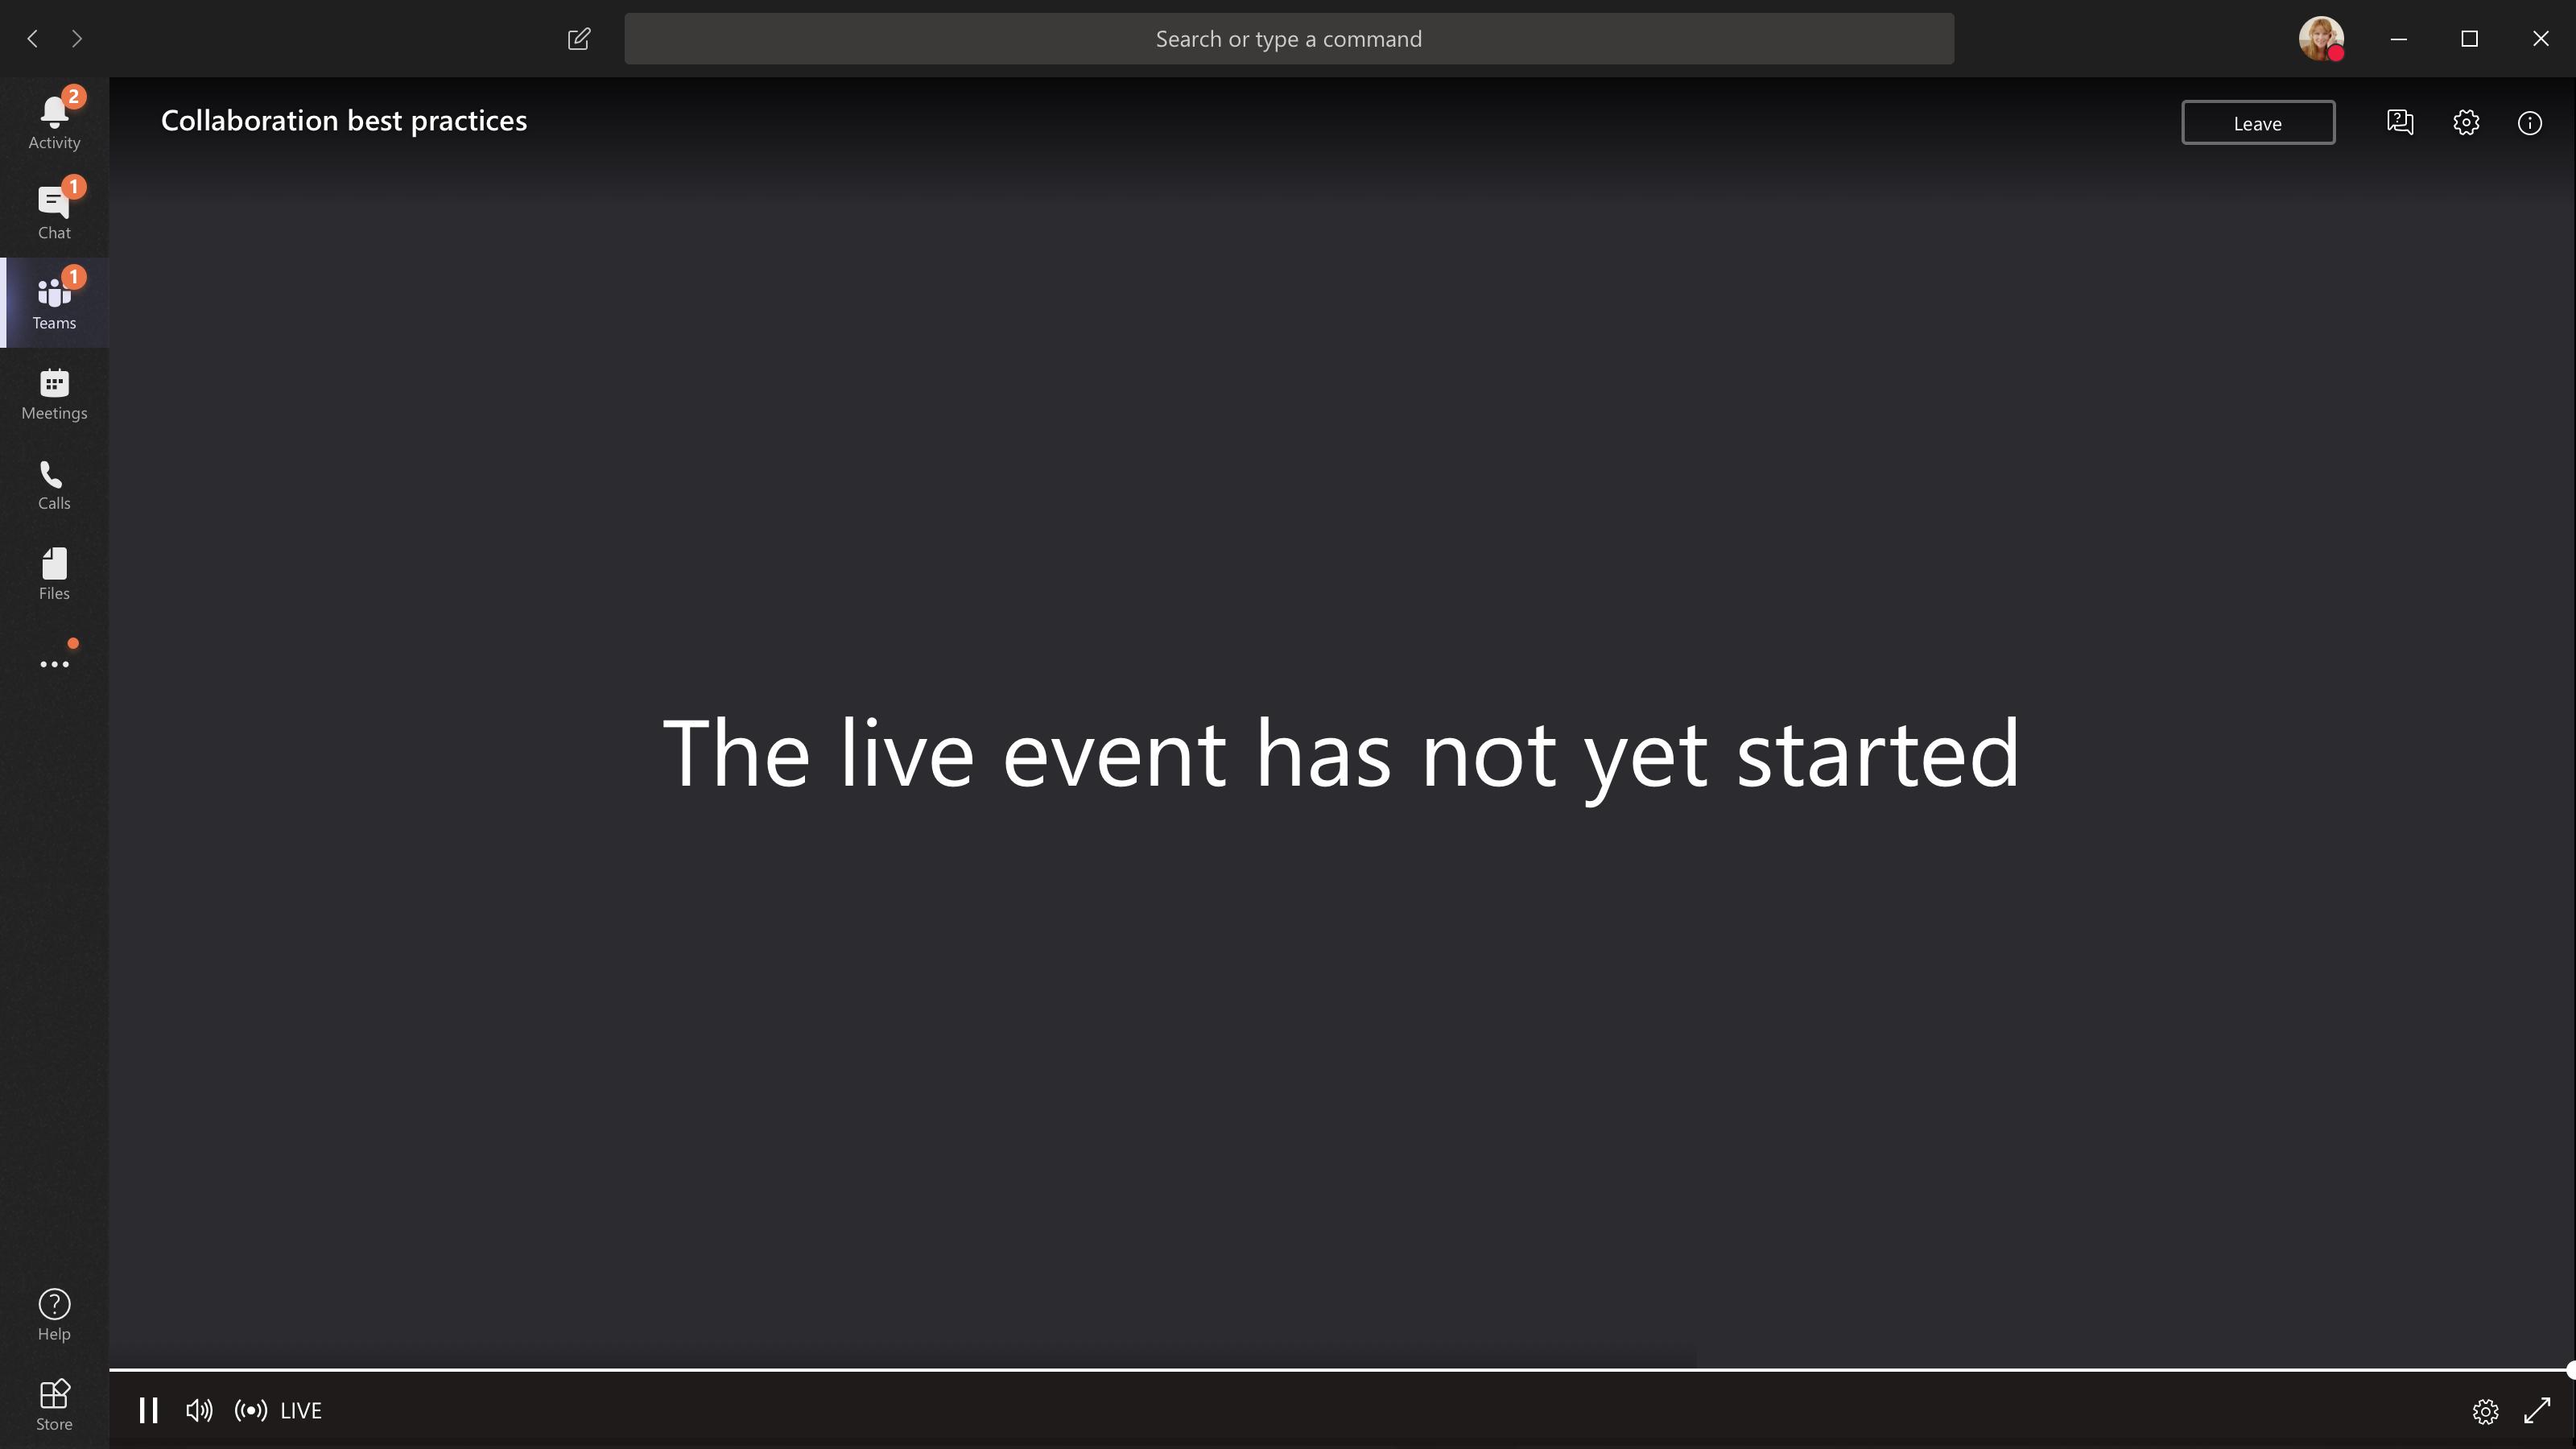 Evento no iniciado